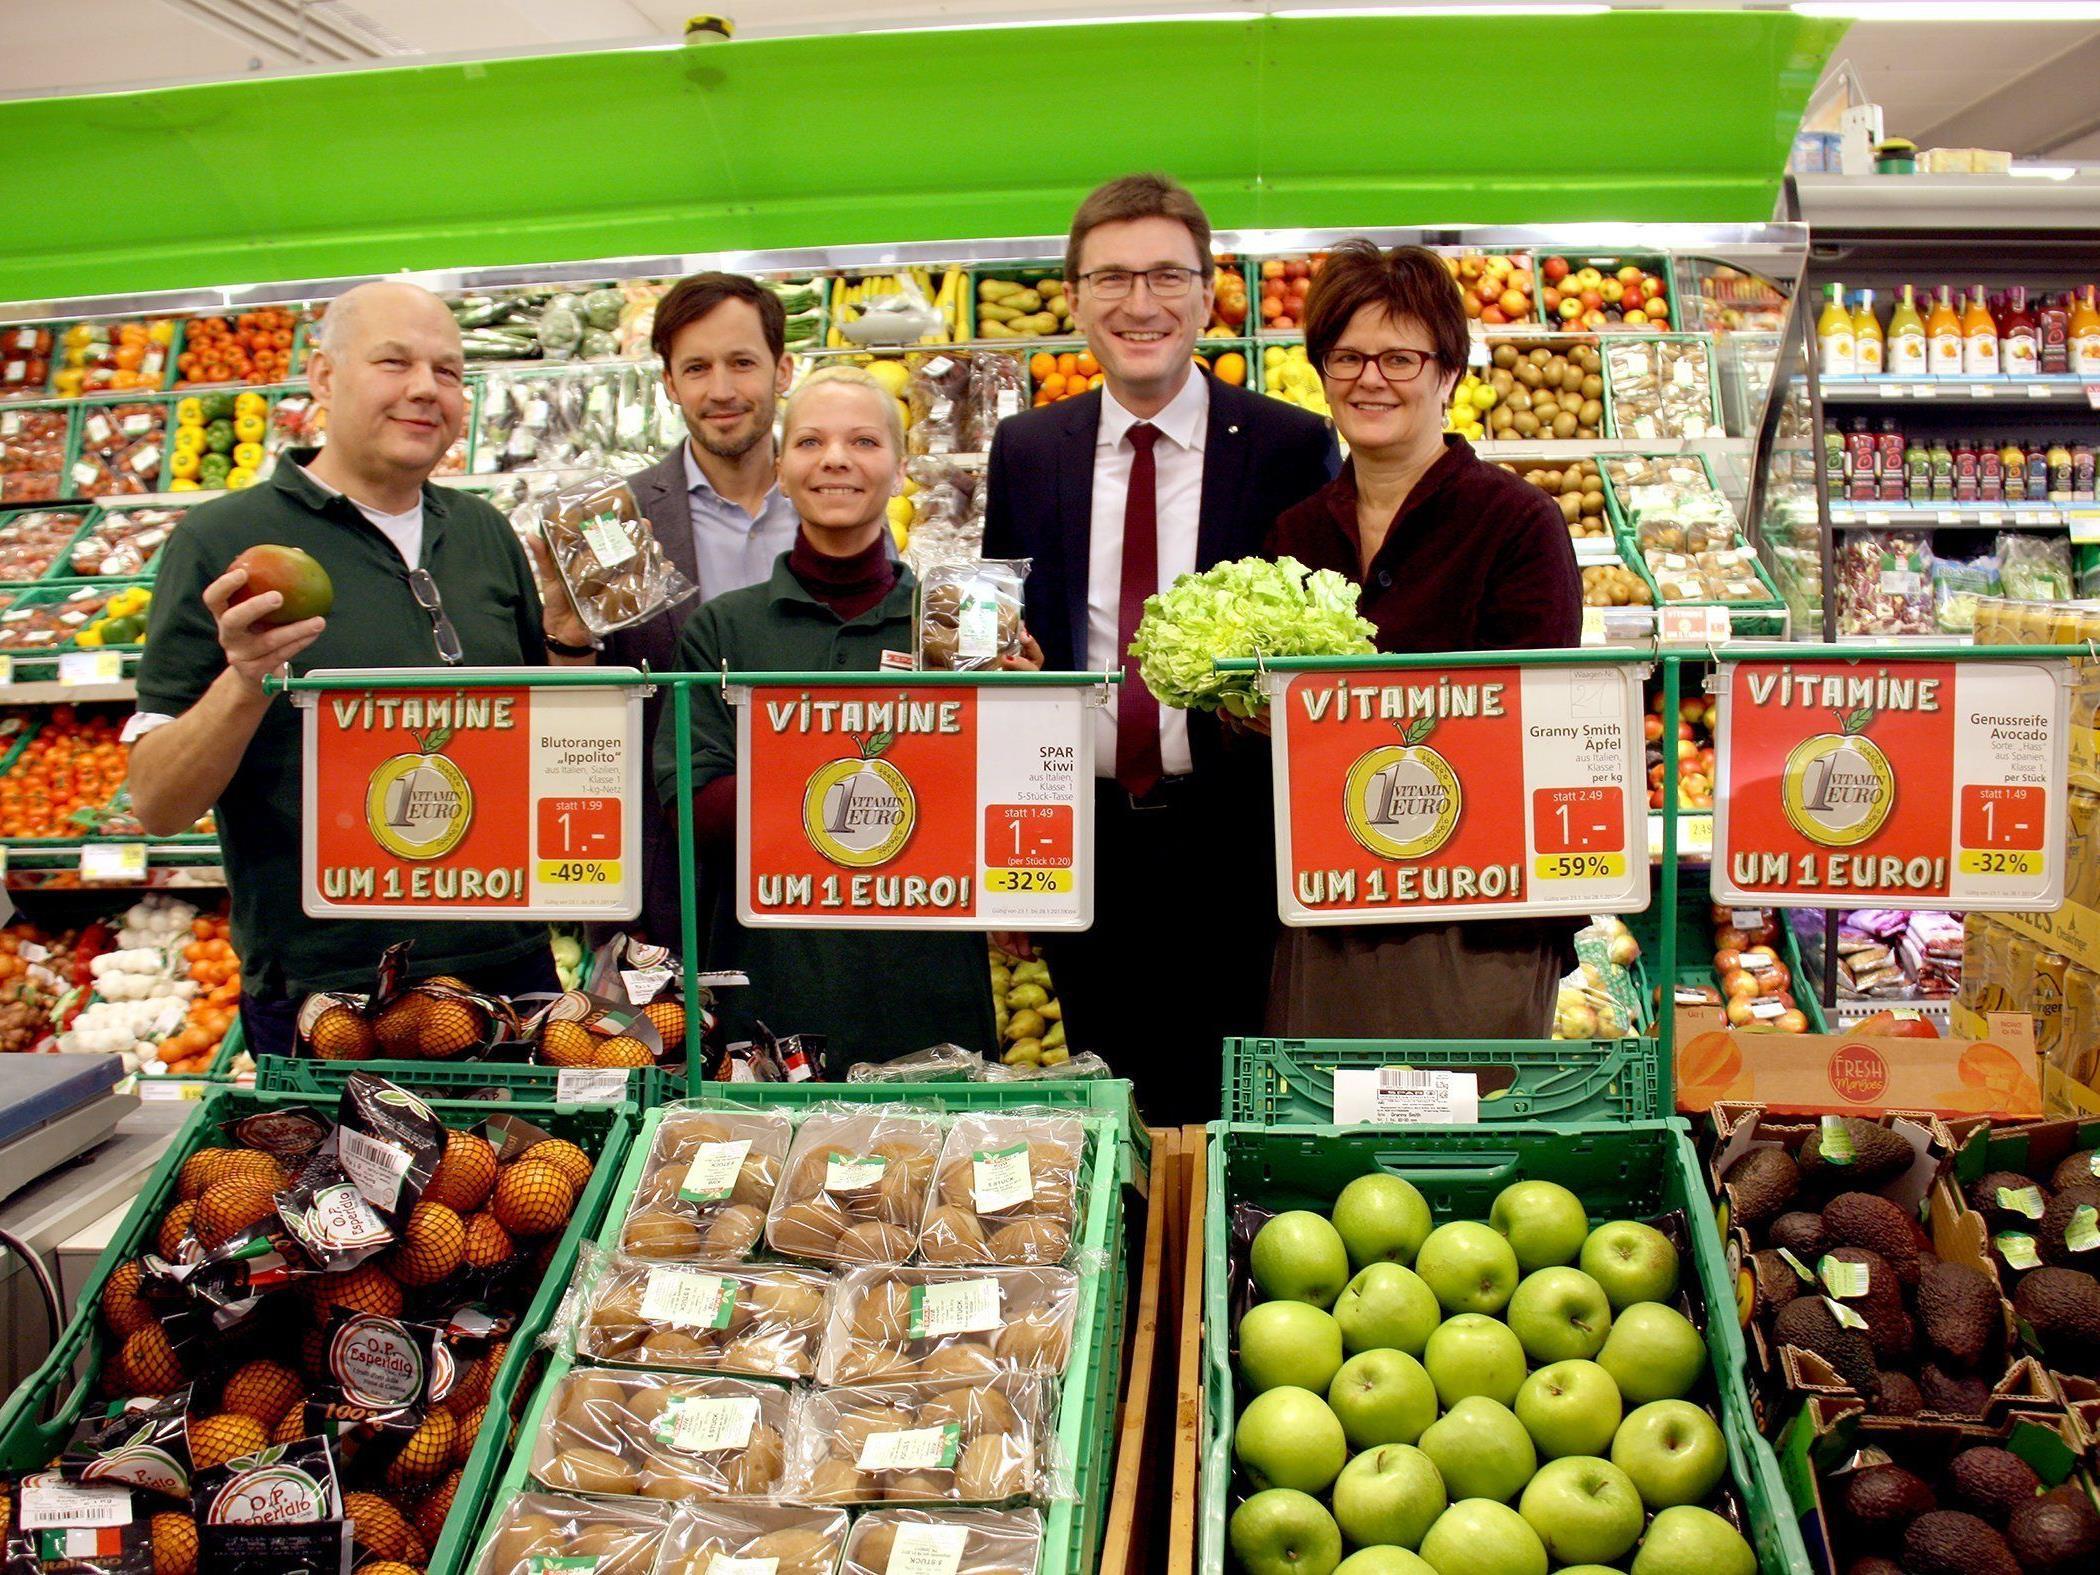 Petra Draxl (AMS Wien), Alois Huber (SPAR) und Klaus Schwertner (Caritas) eröffnen SPAR-Markt in der Quellenstraße.